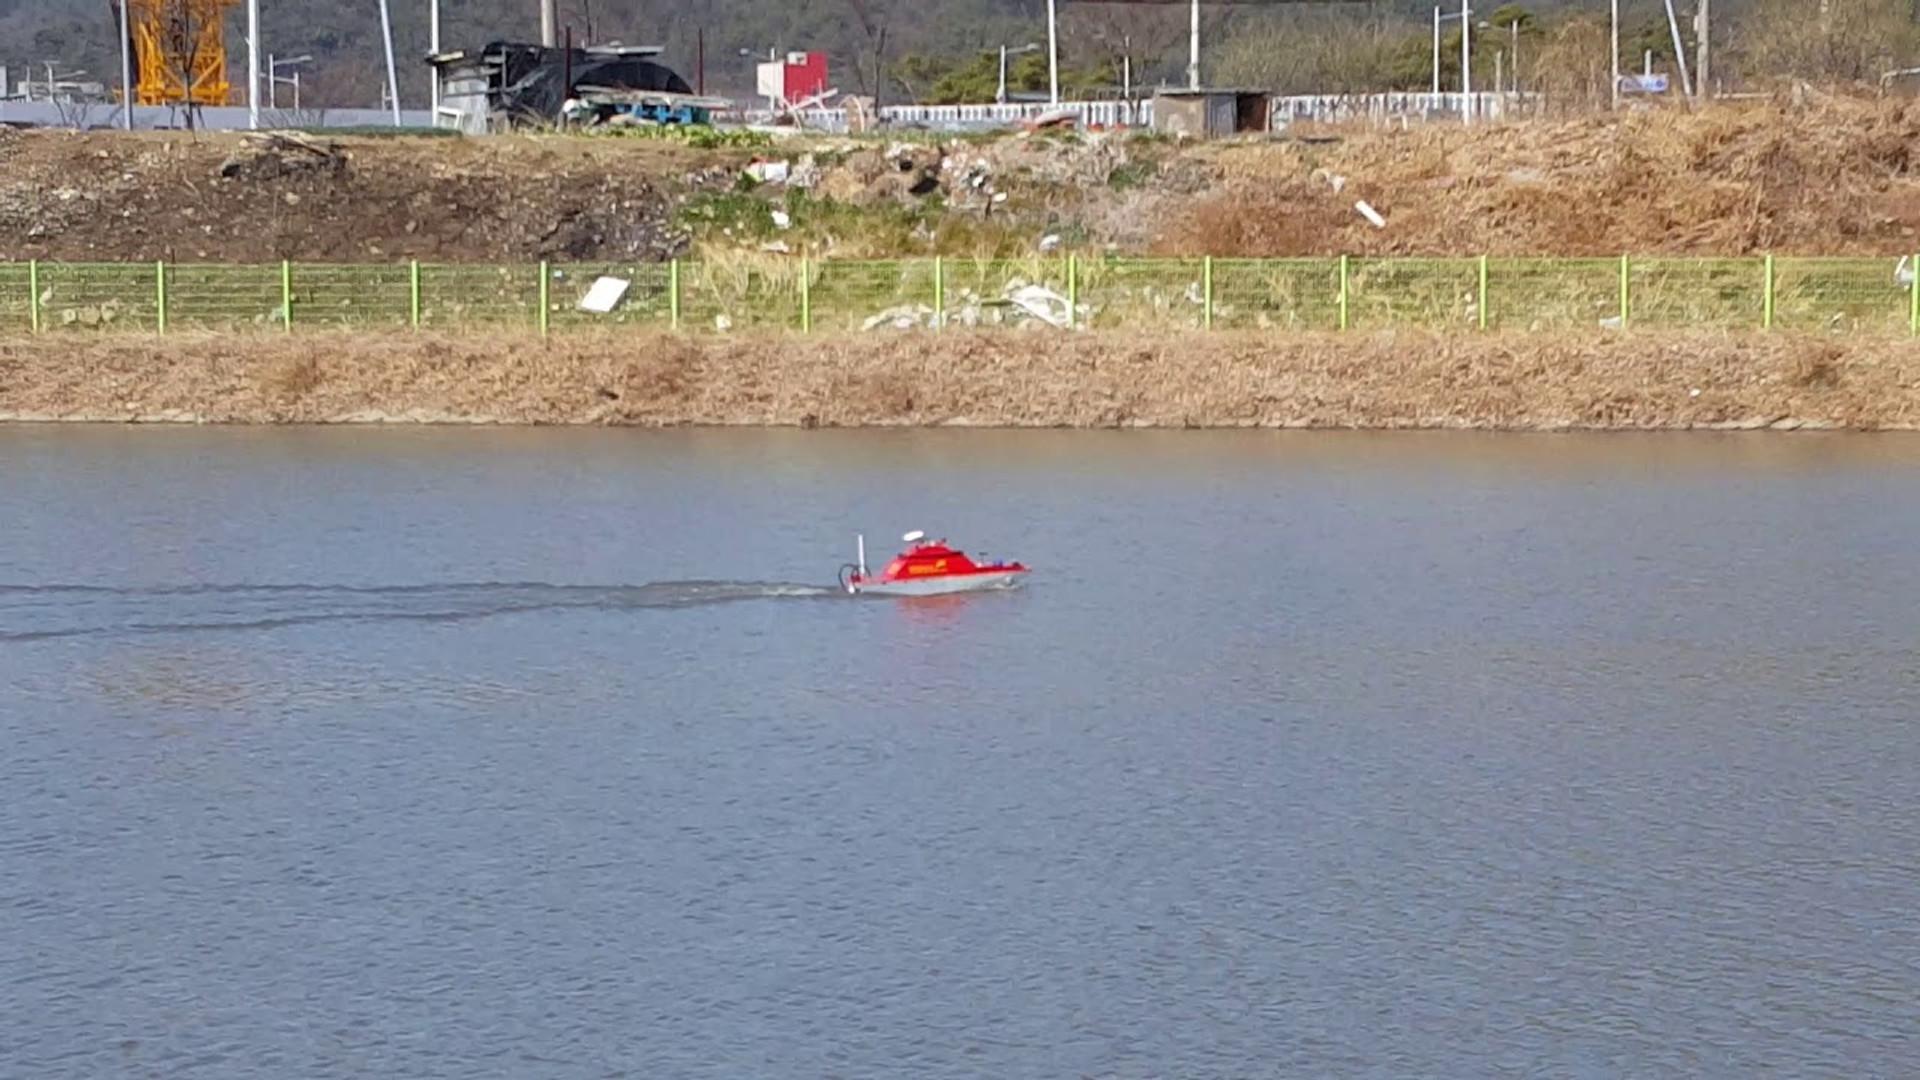 저수지 용적량 측량 무인수상정(USV) 최대 속도 테스트( 2m/s)